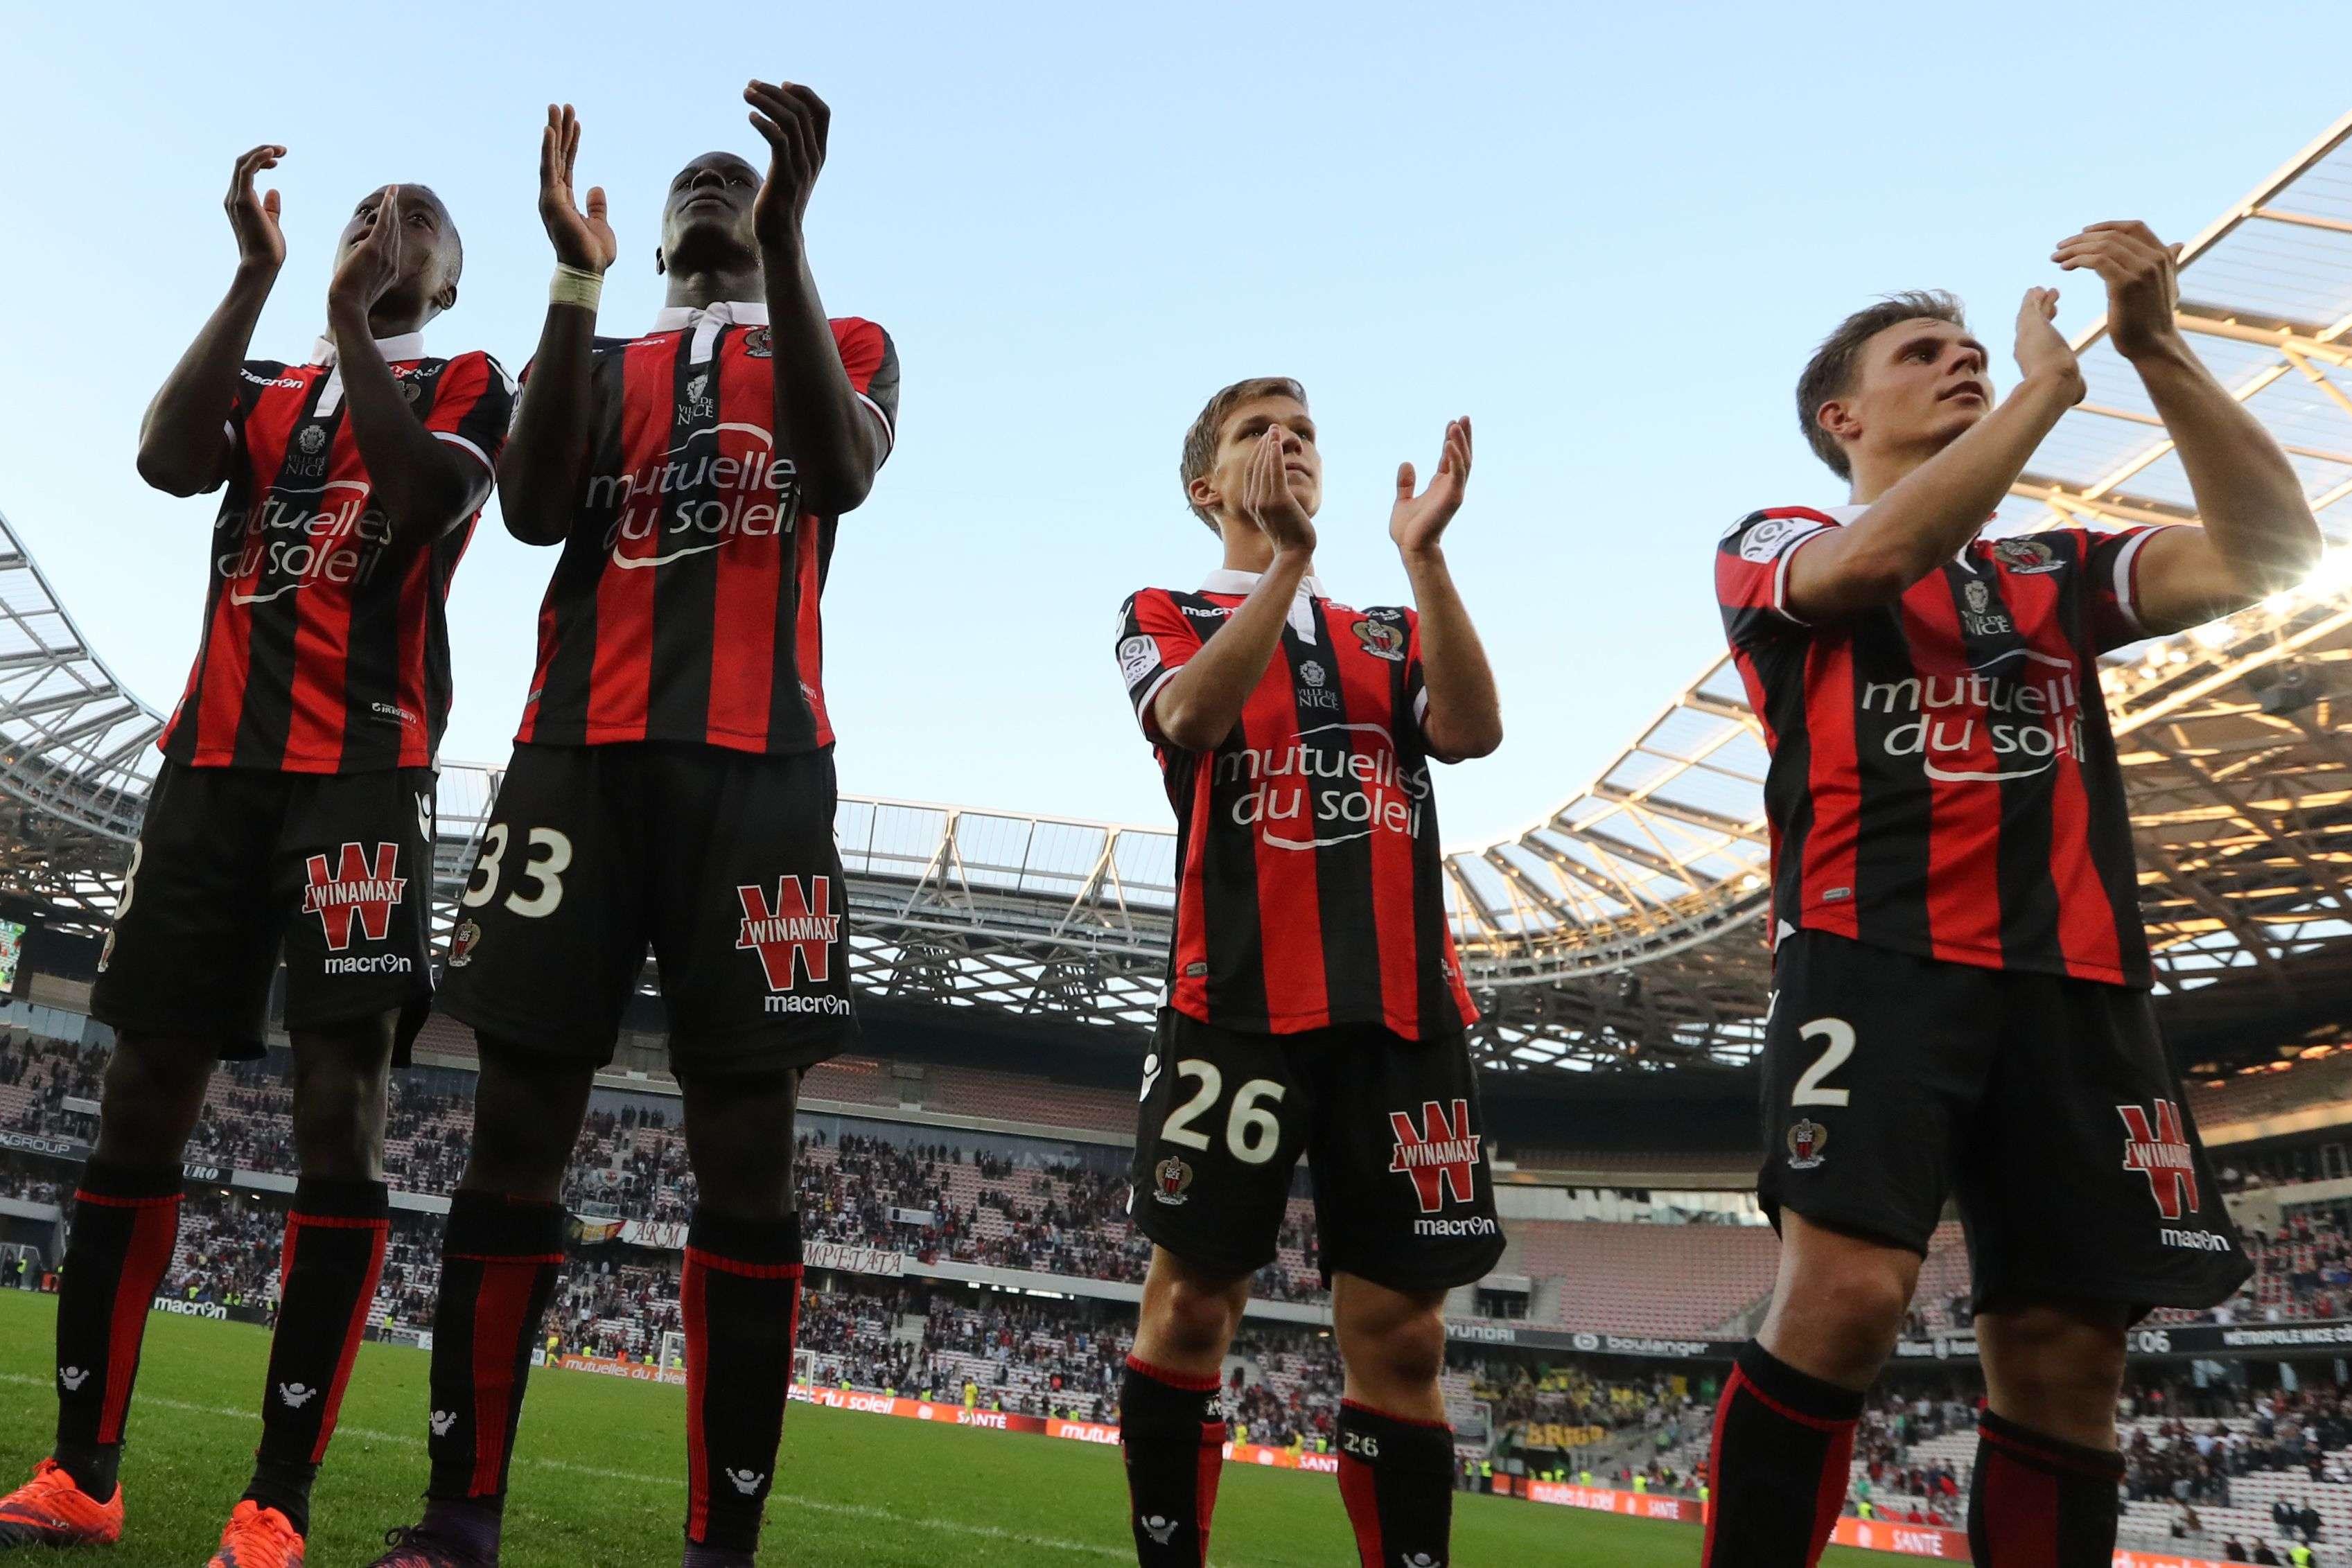 L'OGC Nice est restée la seule équipe invaincue de Ligue 1 et porté son avance à 6 points en tête du classement après sa victoire 4 à 1 contre le FC Nantes.